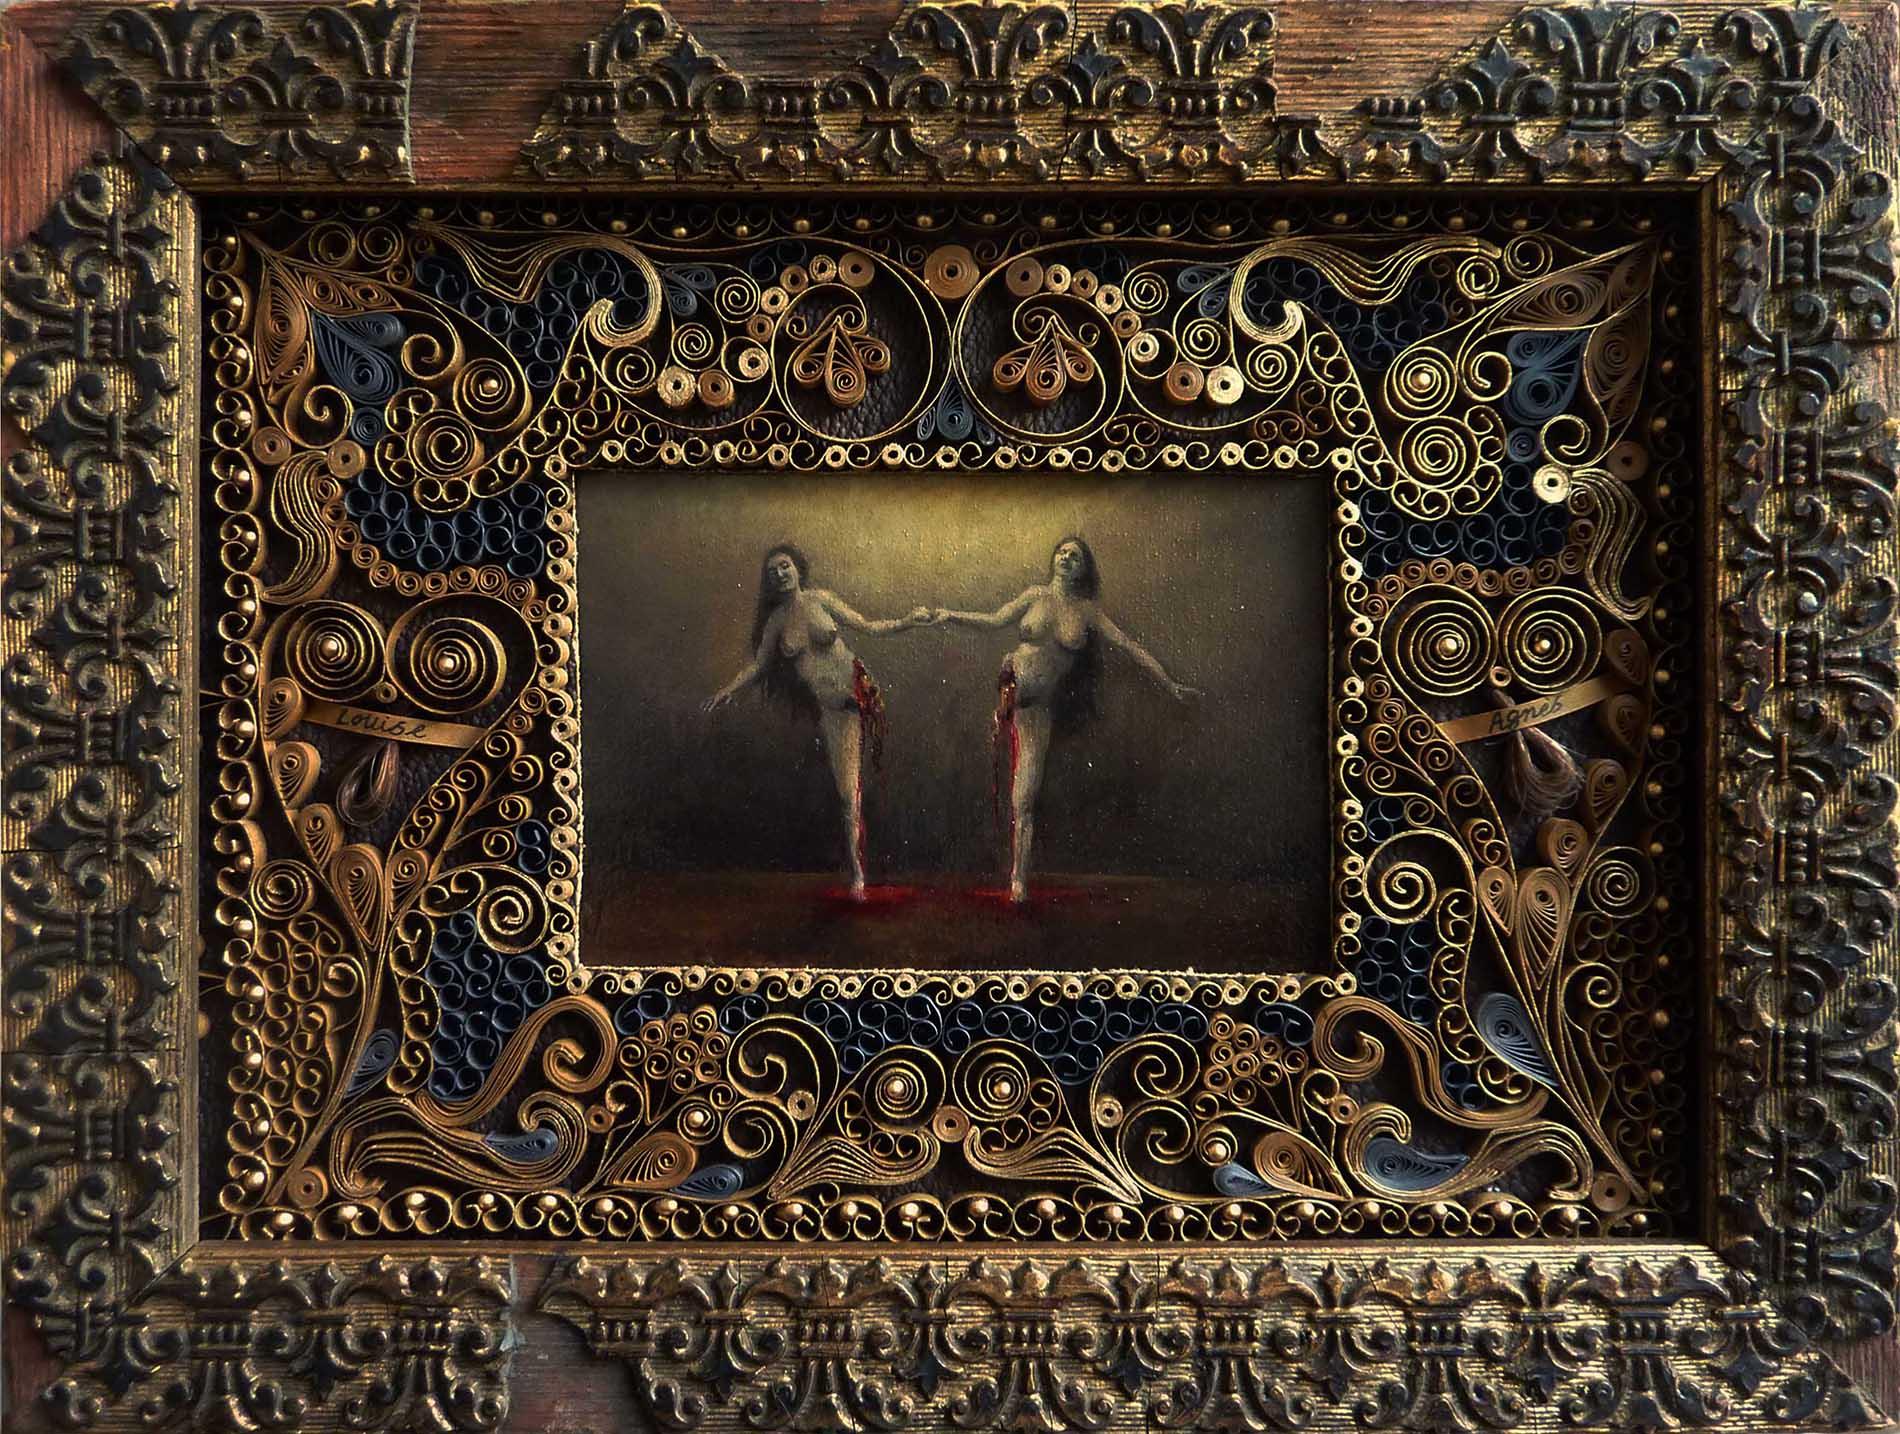 Serie_Reliquaires_Louise-Agnes - 2012 -